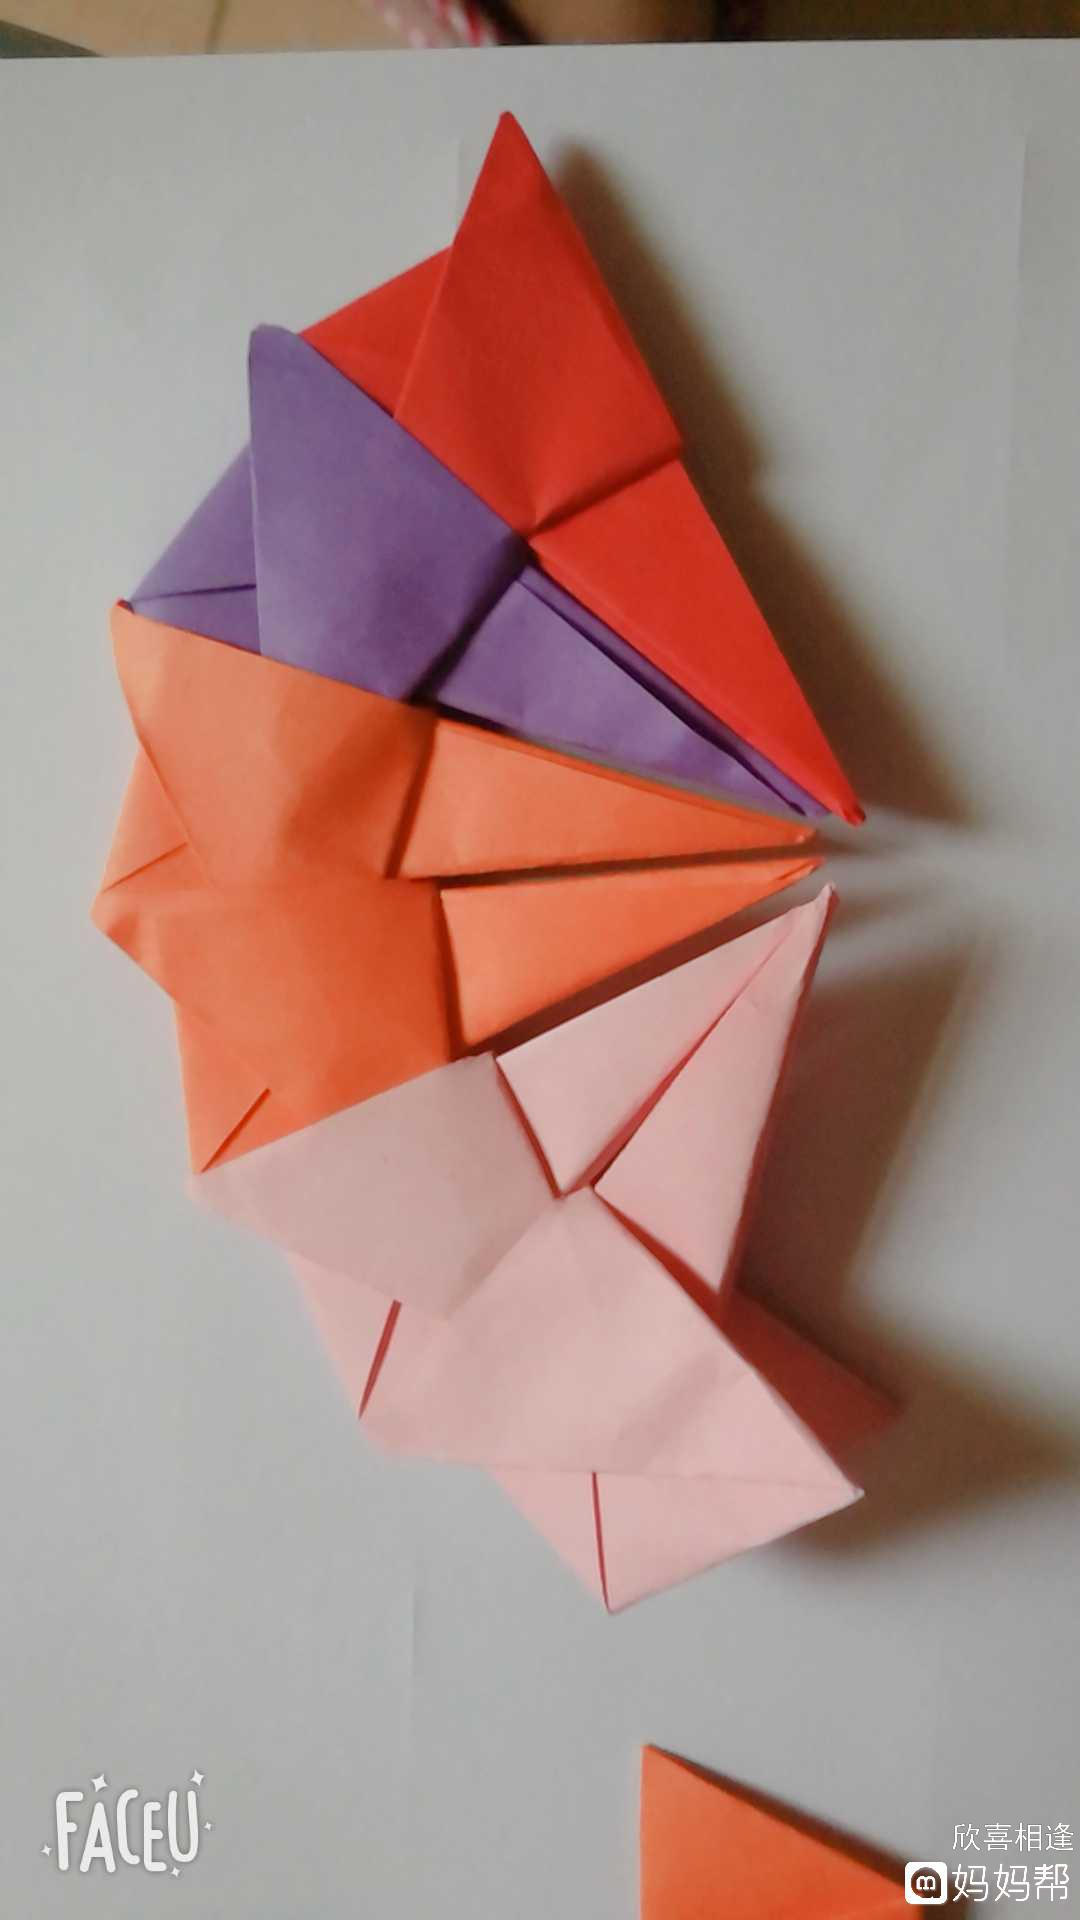 正方形纸十字型对折,然后打开四个角往中间对折  怎么样,是不是心动了